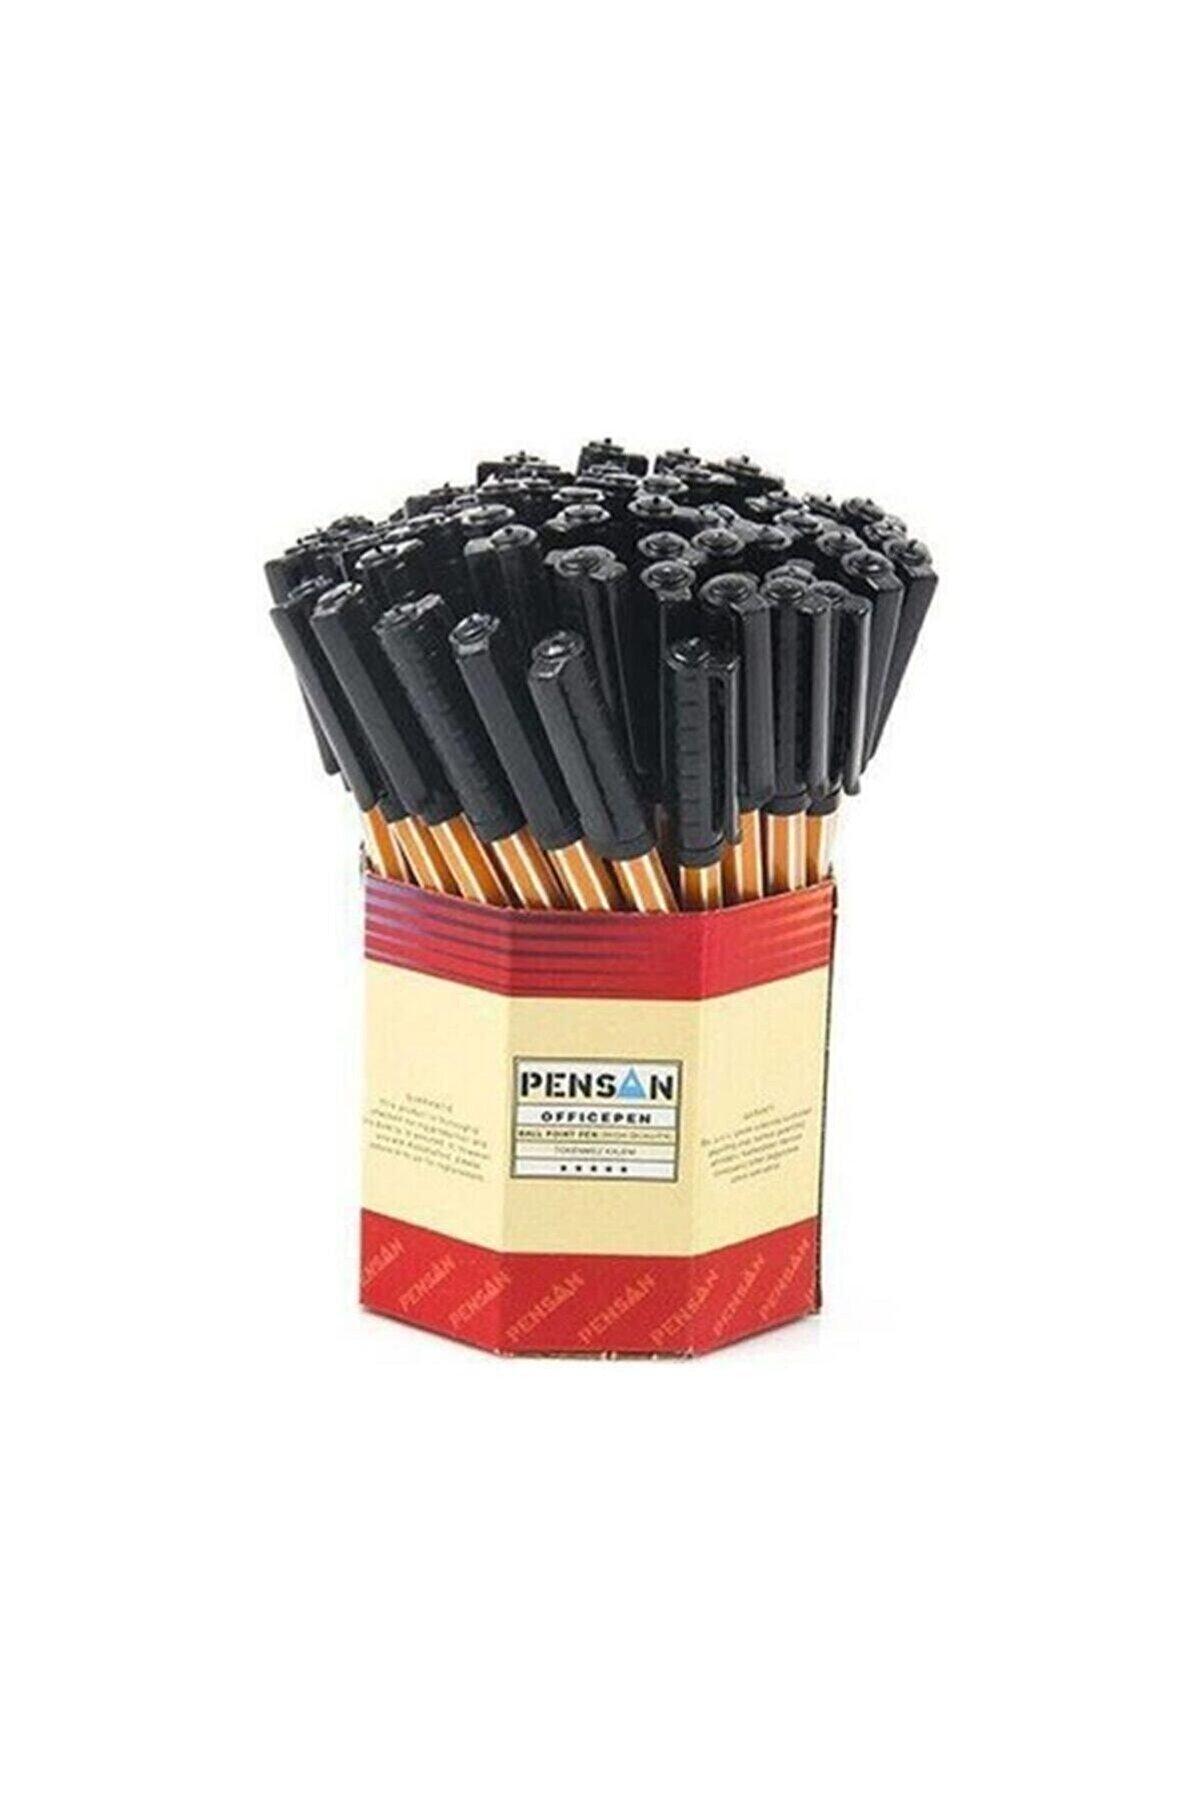 Pensan Tükenmez Kalem Siyah Kalem Offıcepen 1.0 mm 60 Adet lik Kutu